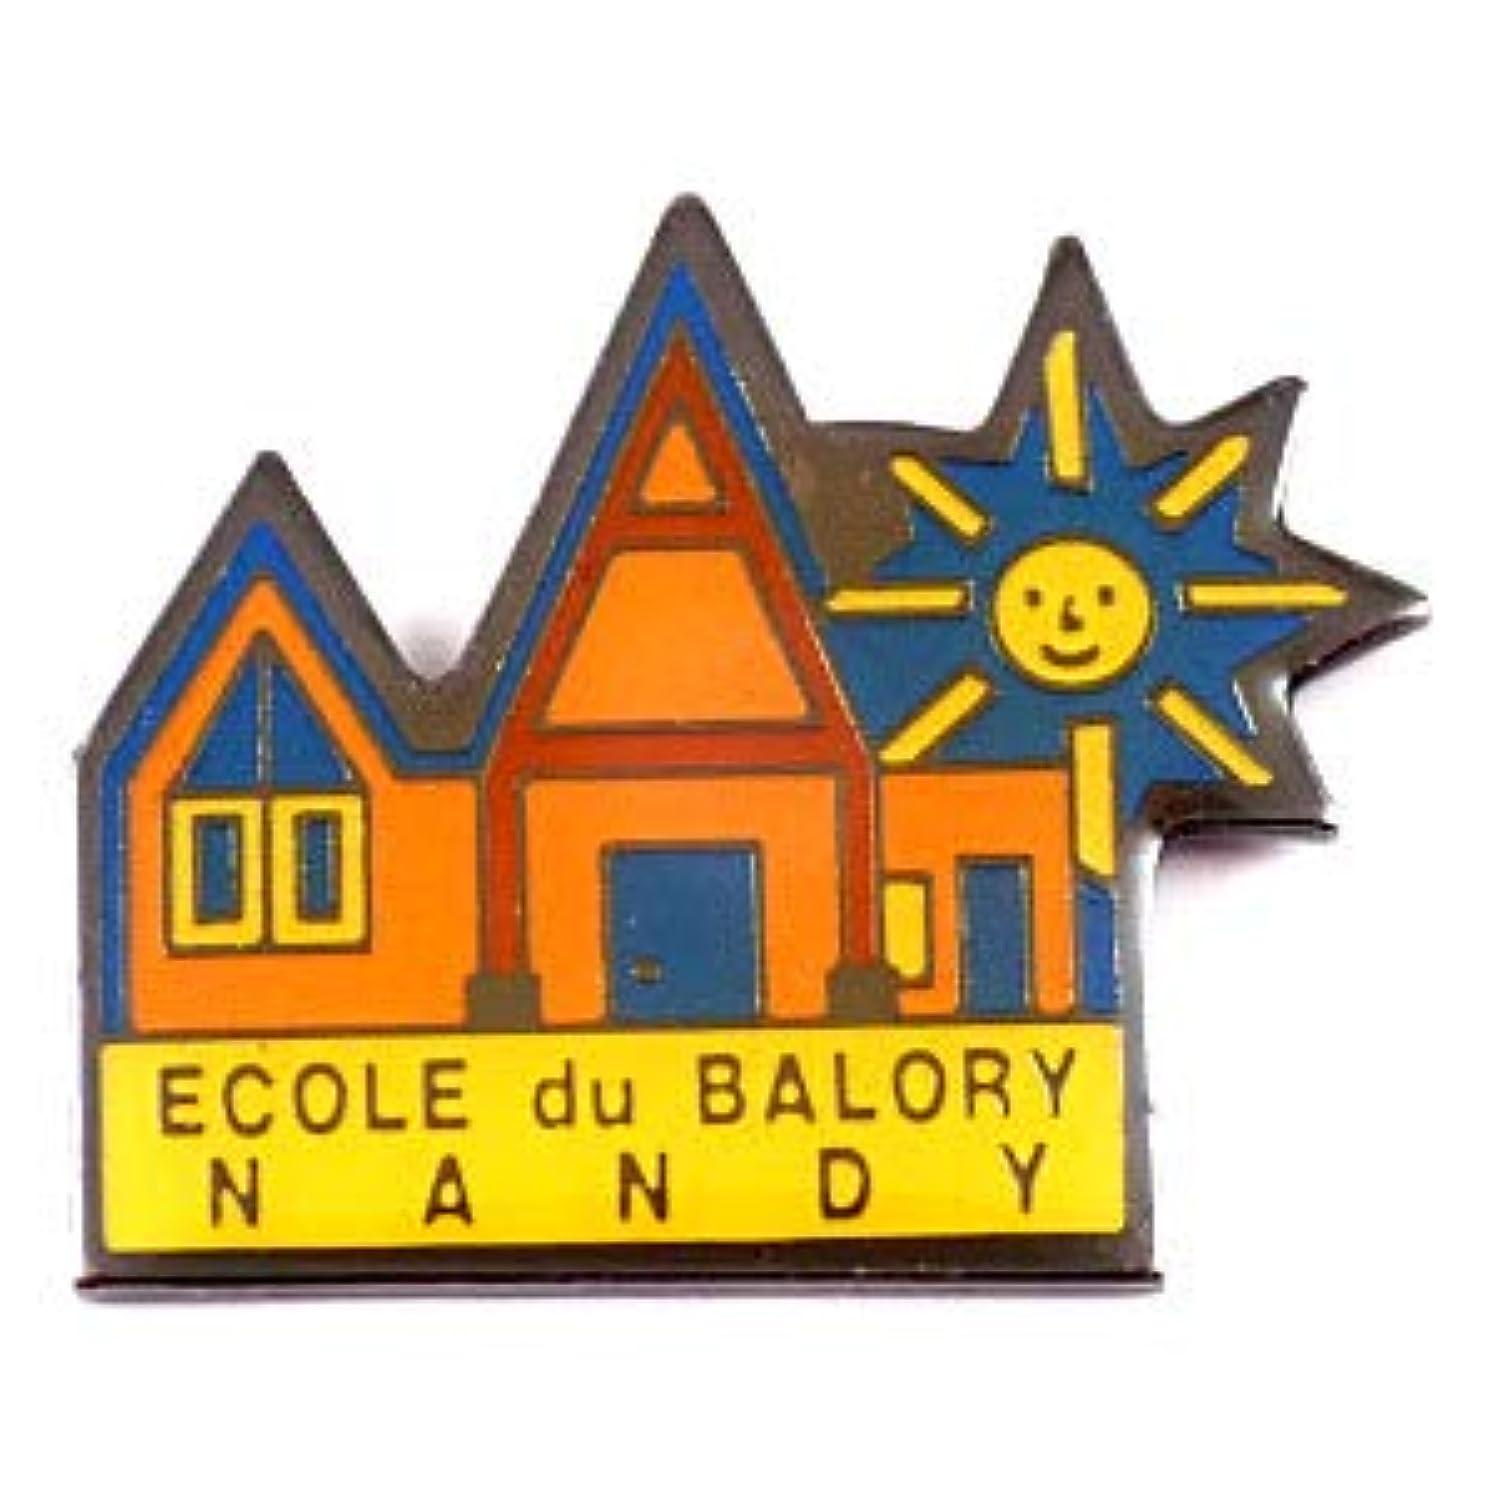 マントオペレーター誘う限定 レア ピンバッジ 学校の校舎と太陽 ピンズ フランス 288951